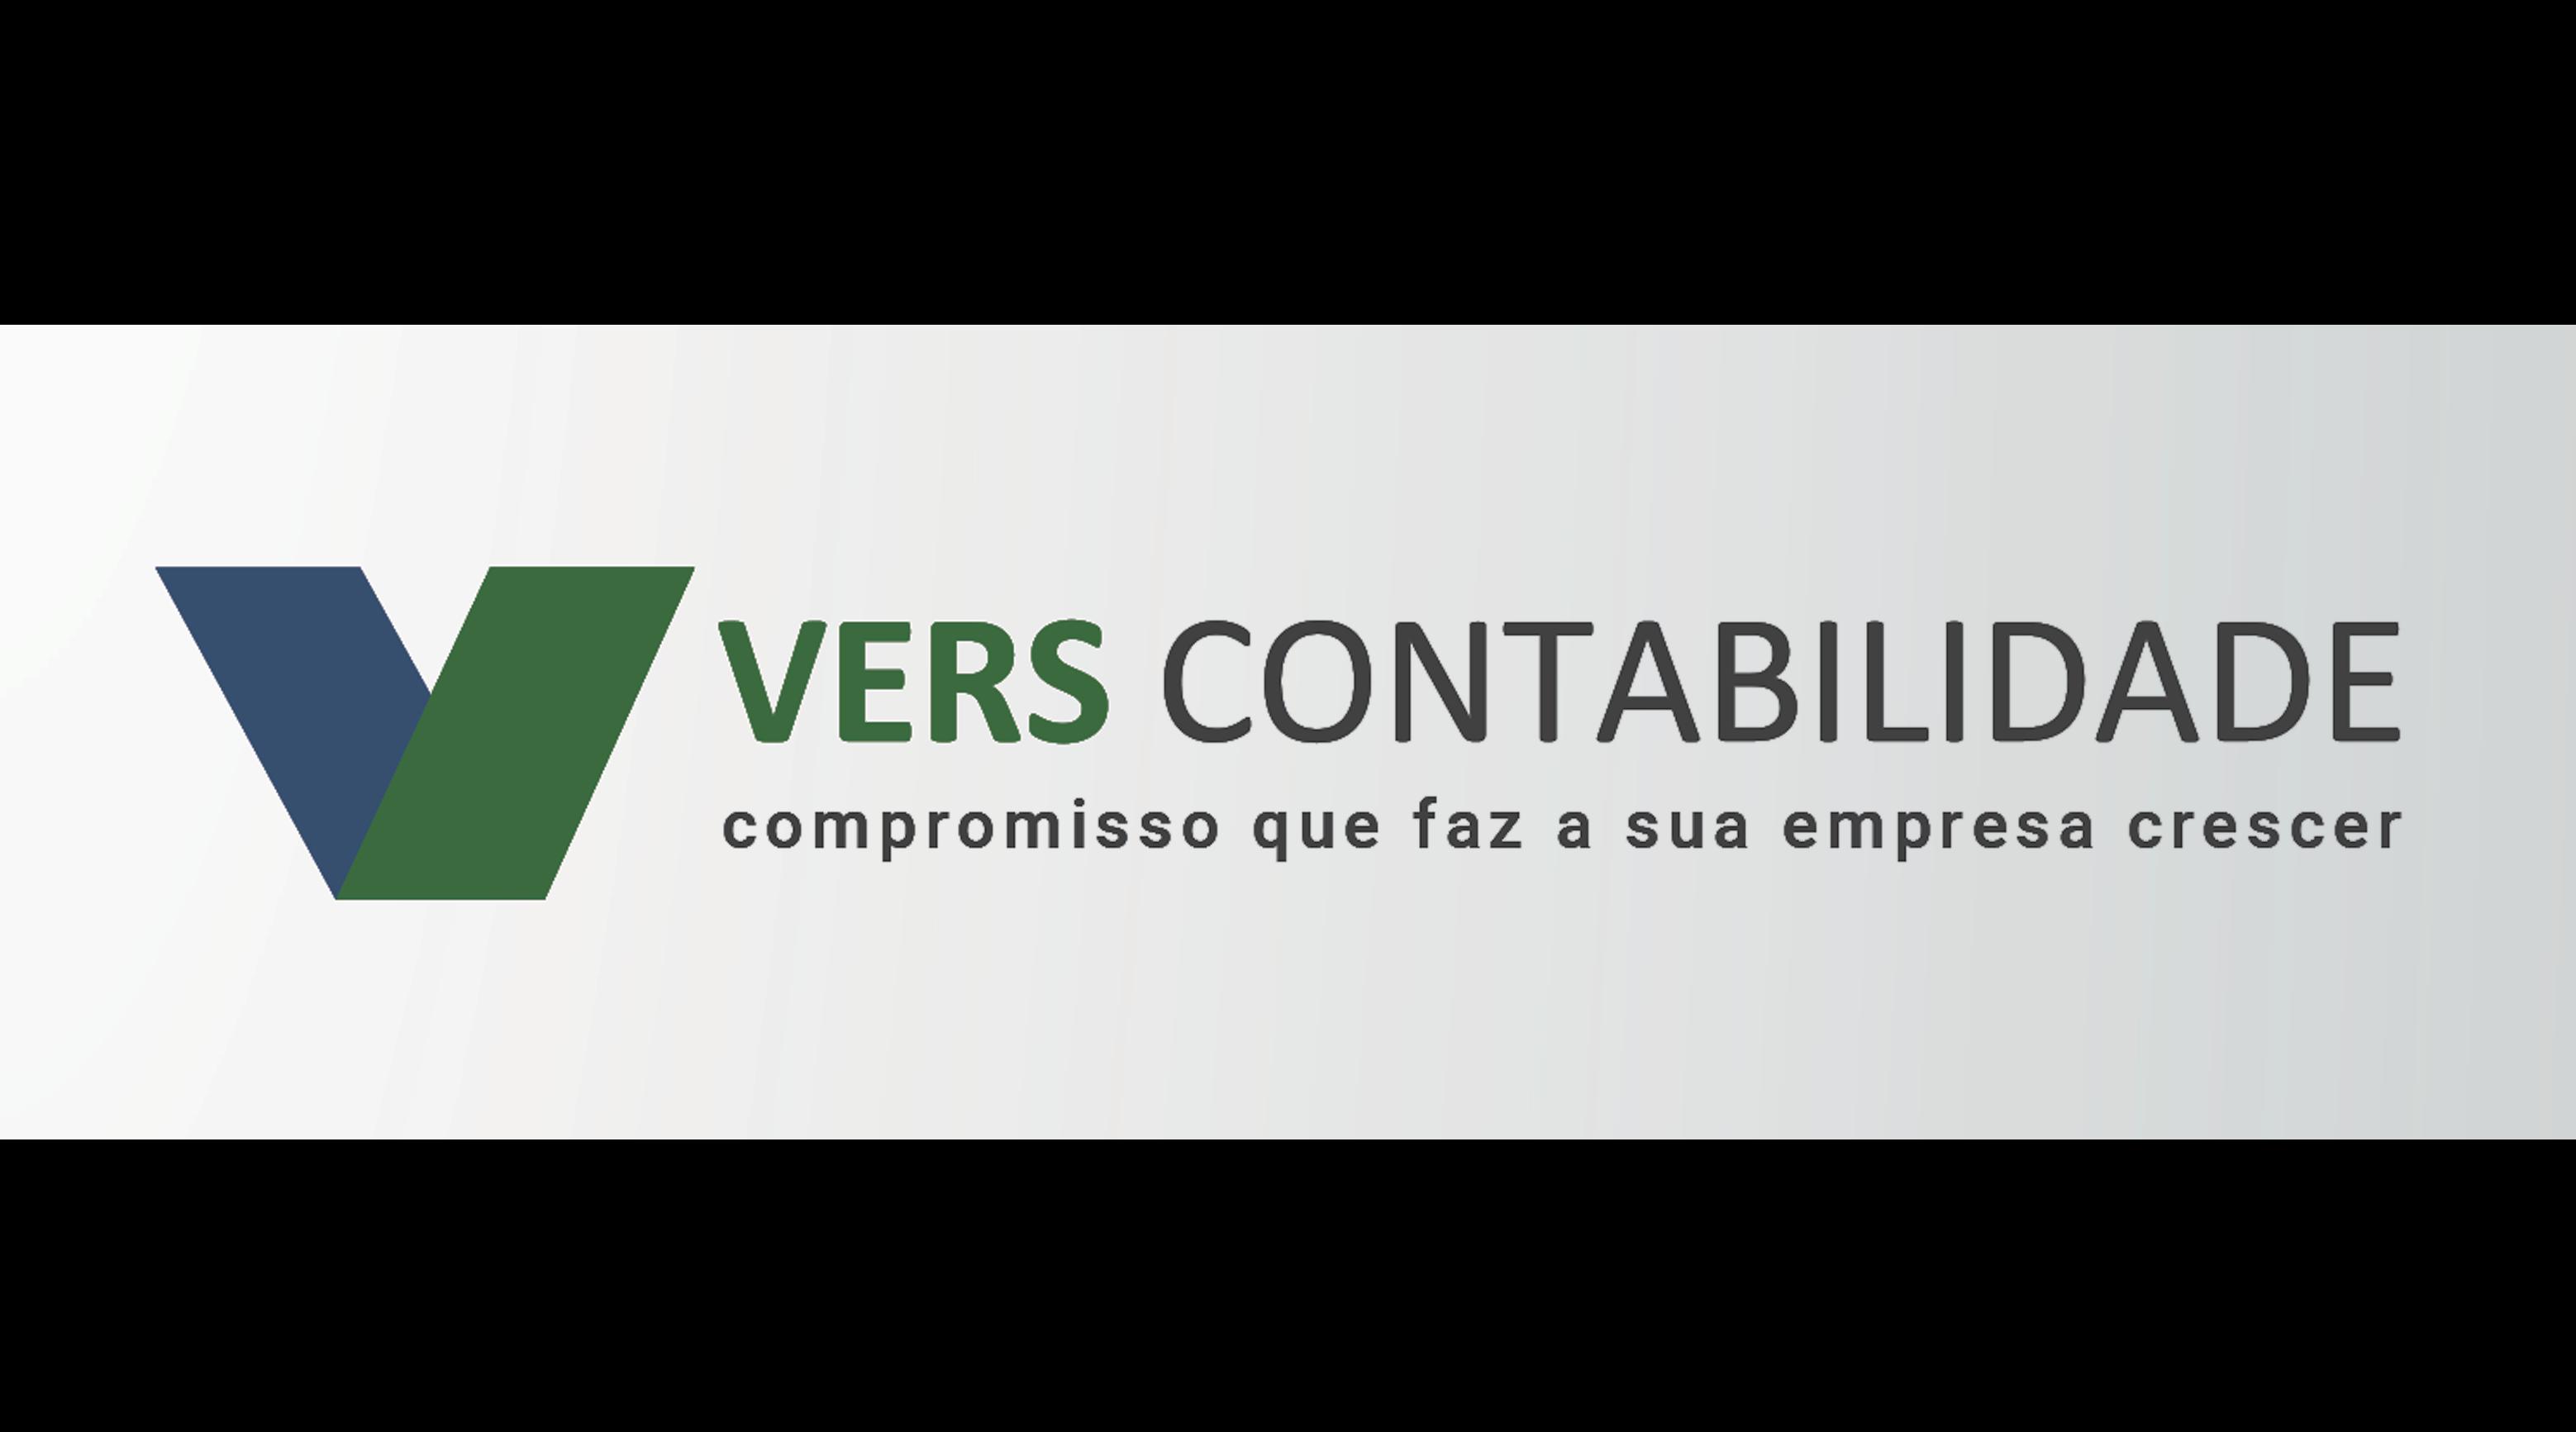 Vers Contabilidade - Compromisso que faz a sua empresa crescer